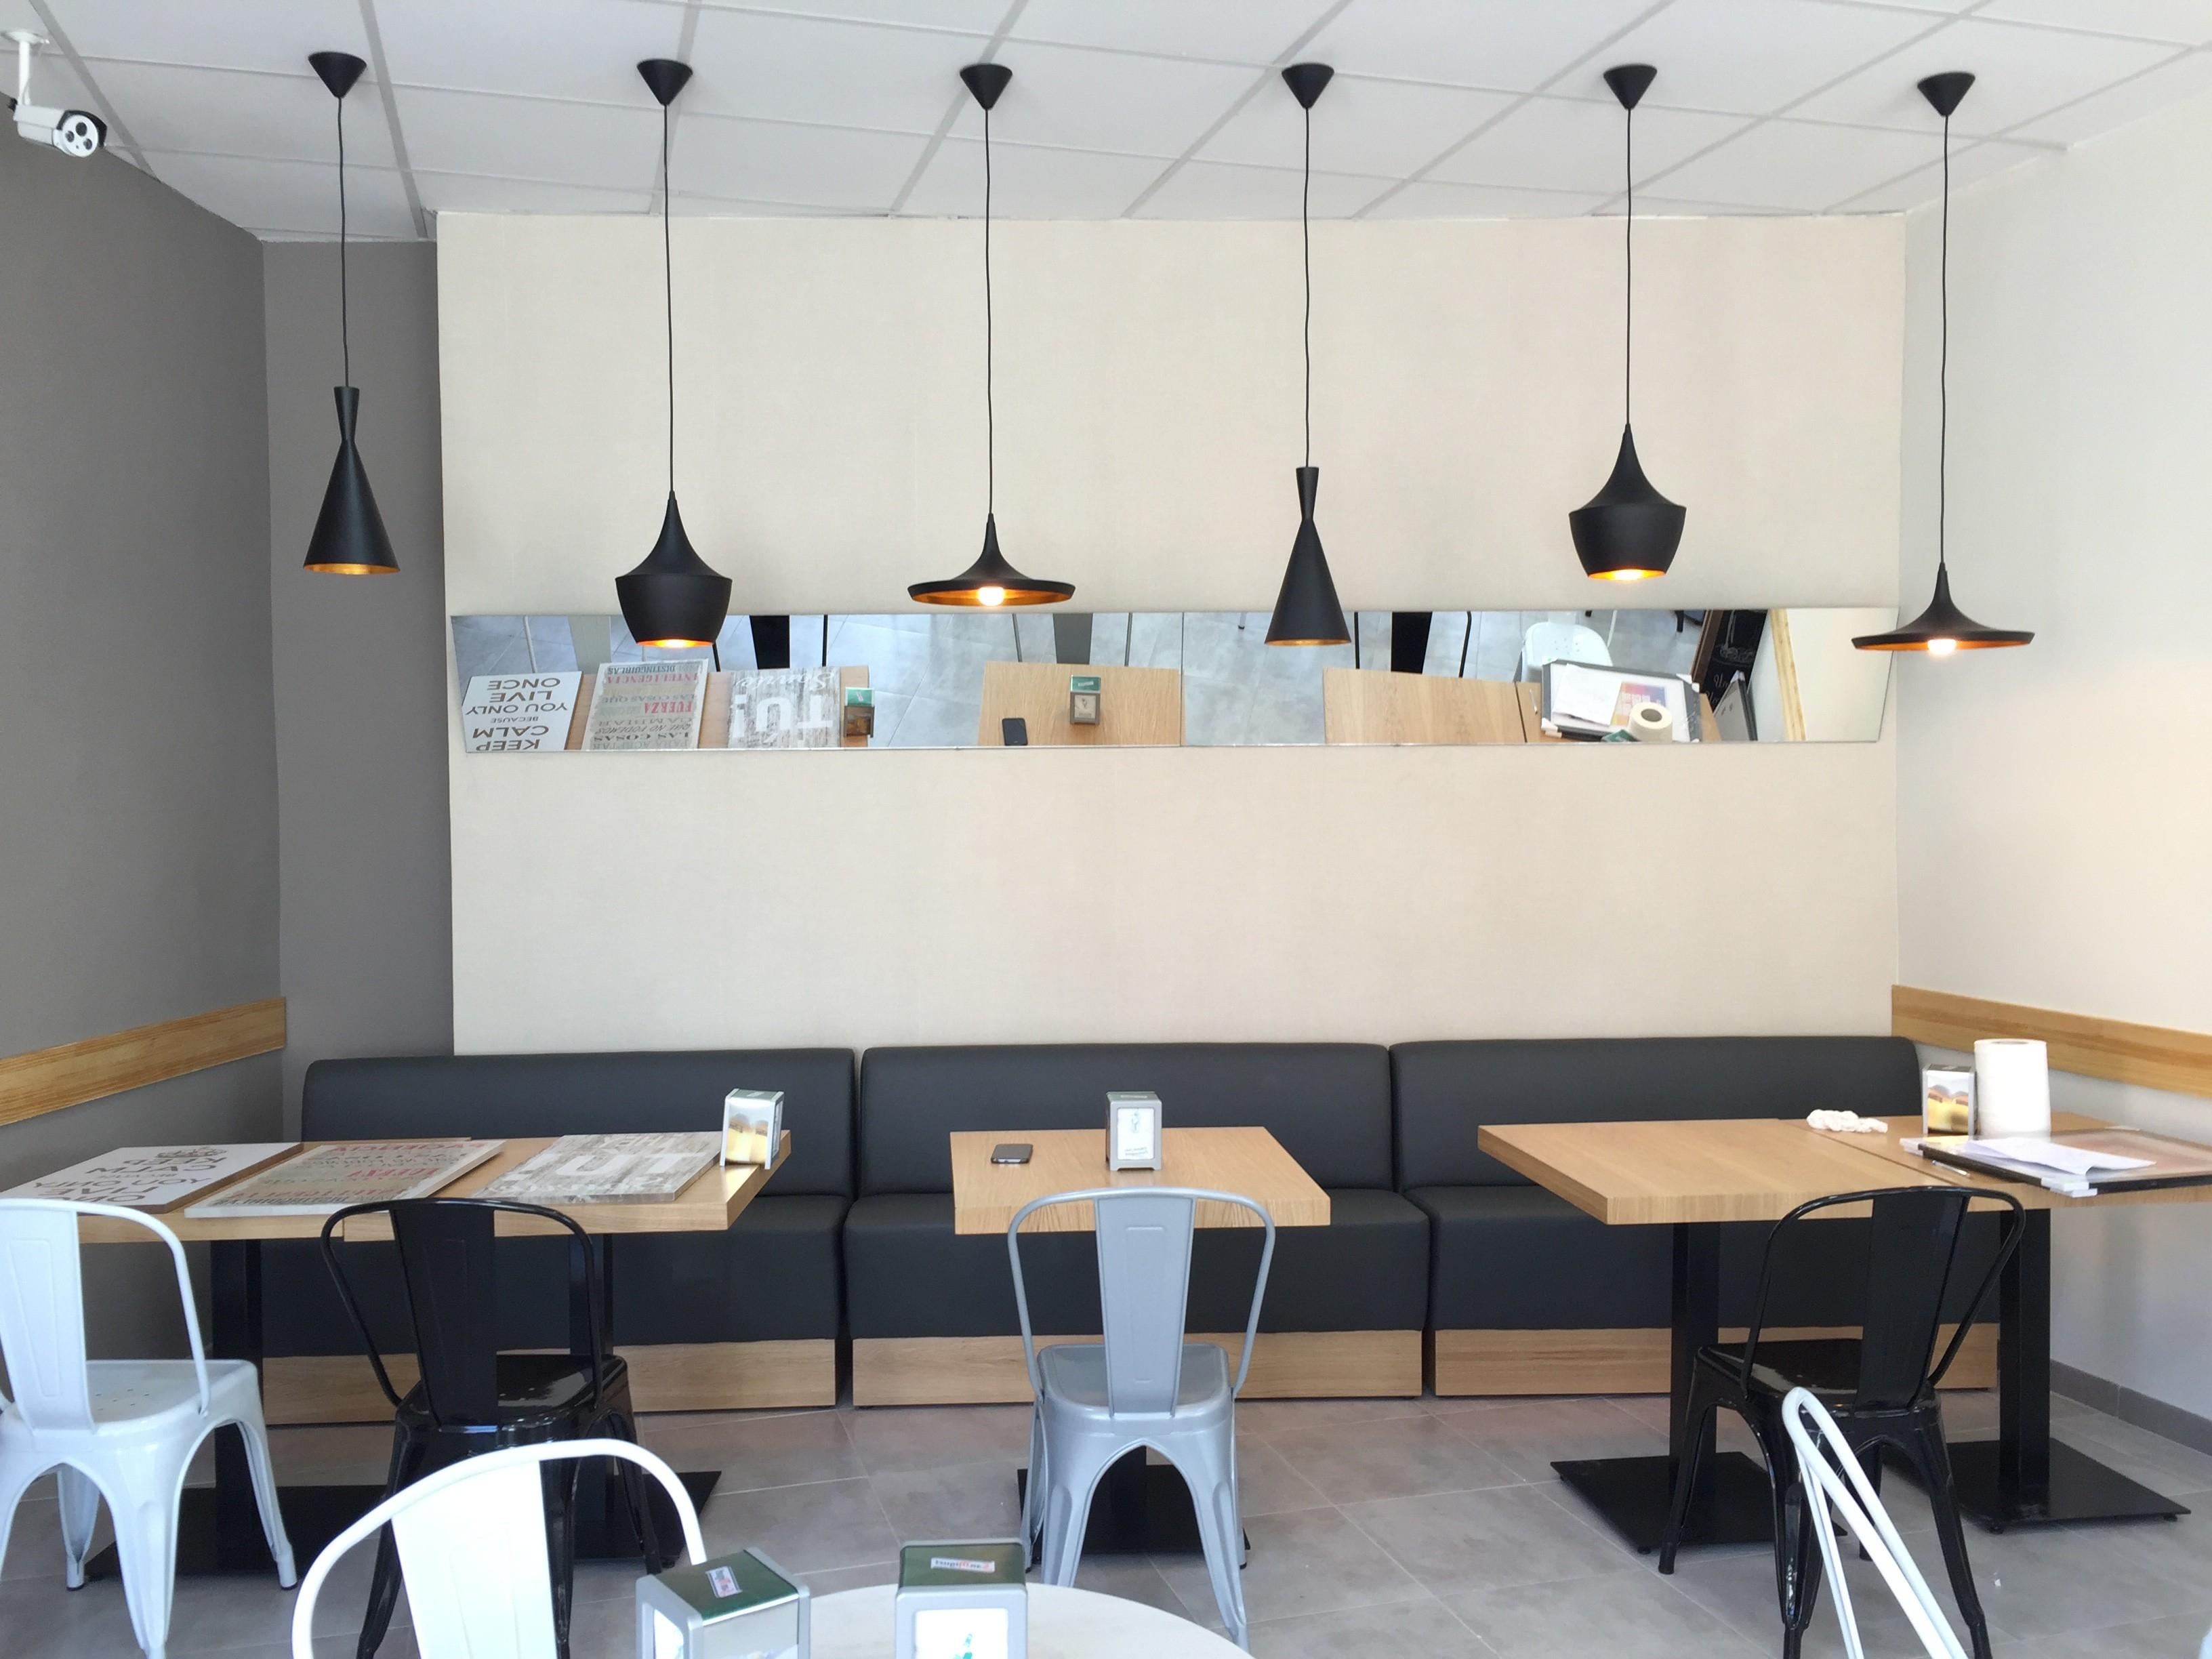 Mobiliario Cafeteria Dddy Tienda De Muebles Online Para Negocios De Hostelerà A Sillasmesas